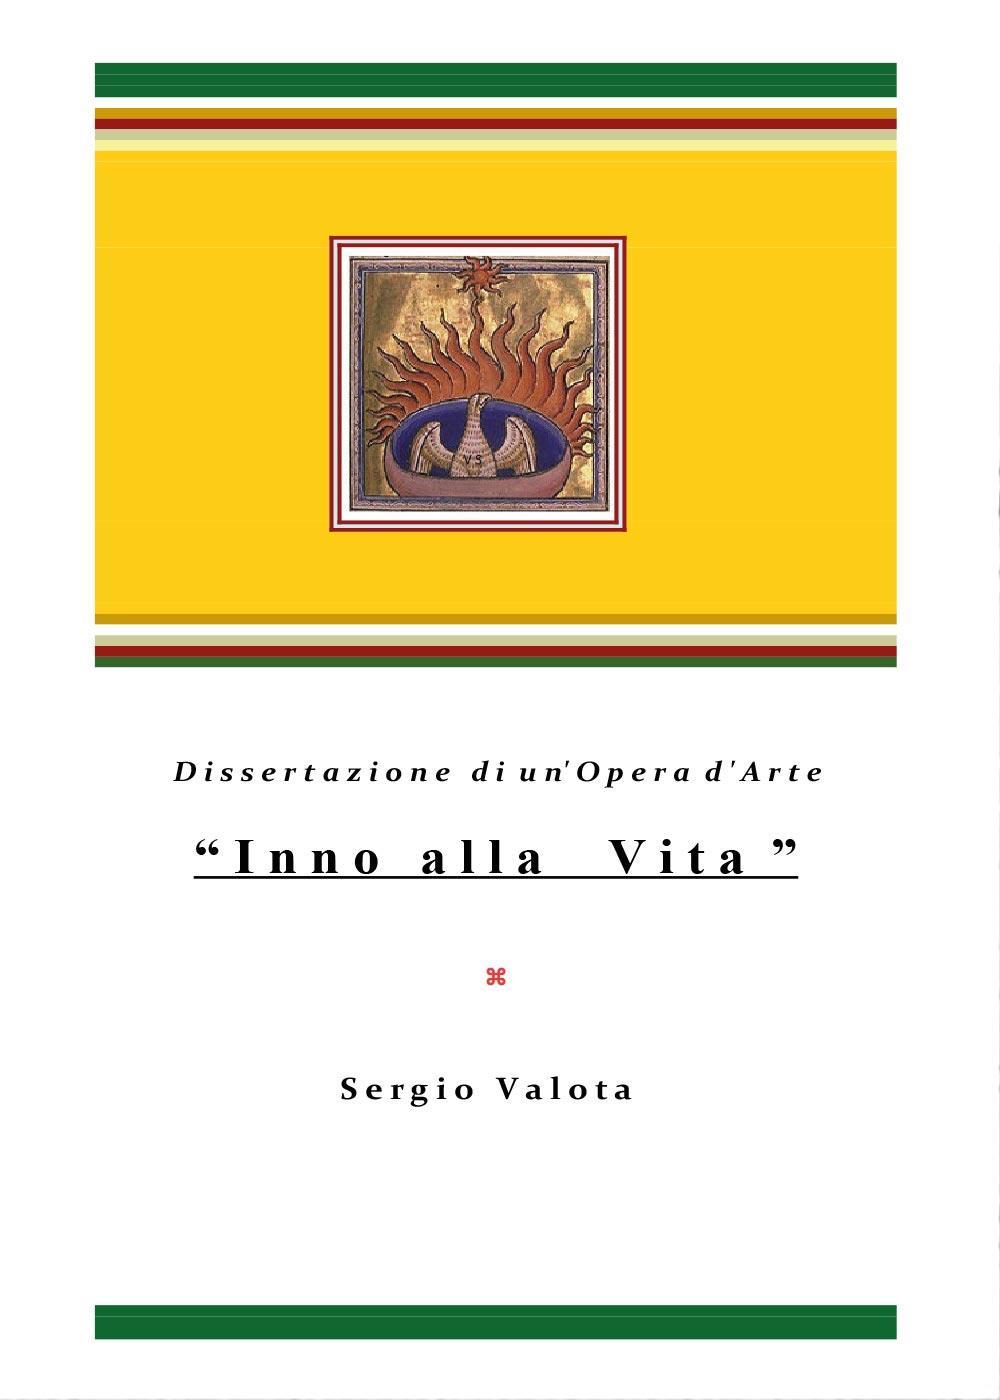 """"""" Inno alla Vita """" - Dissertazione di un'Opera d'Arte -"""